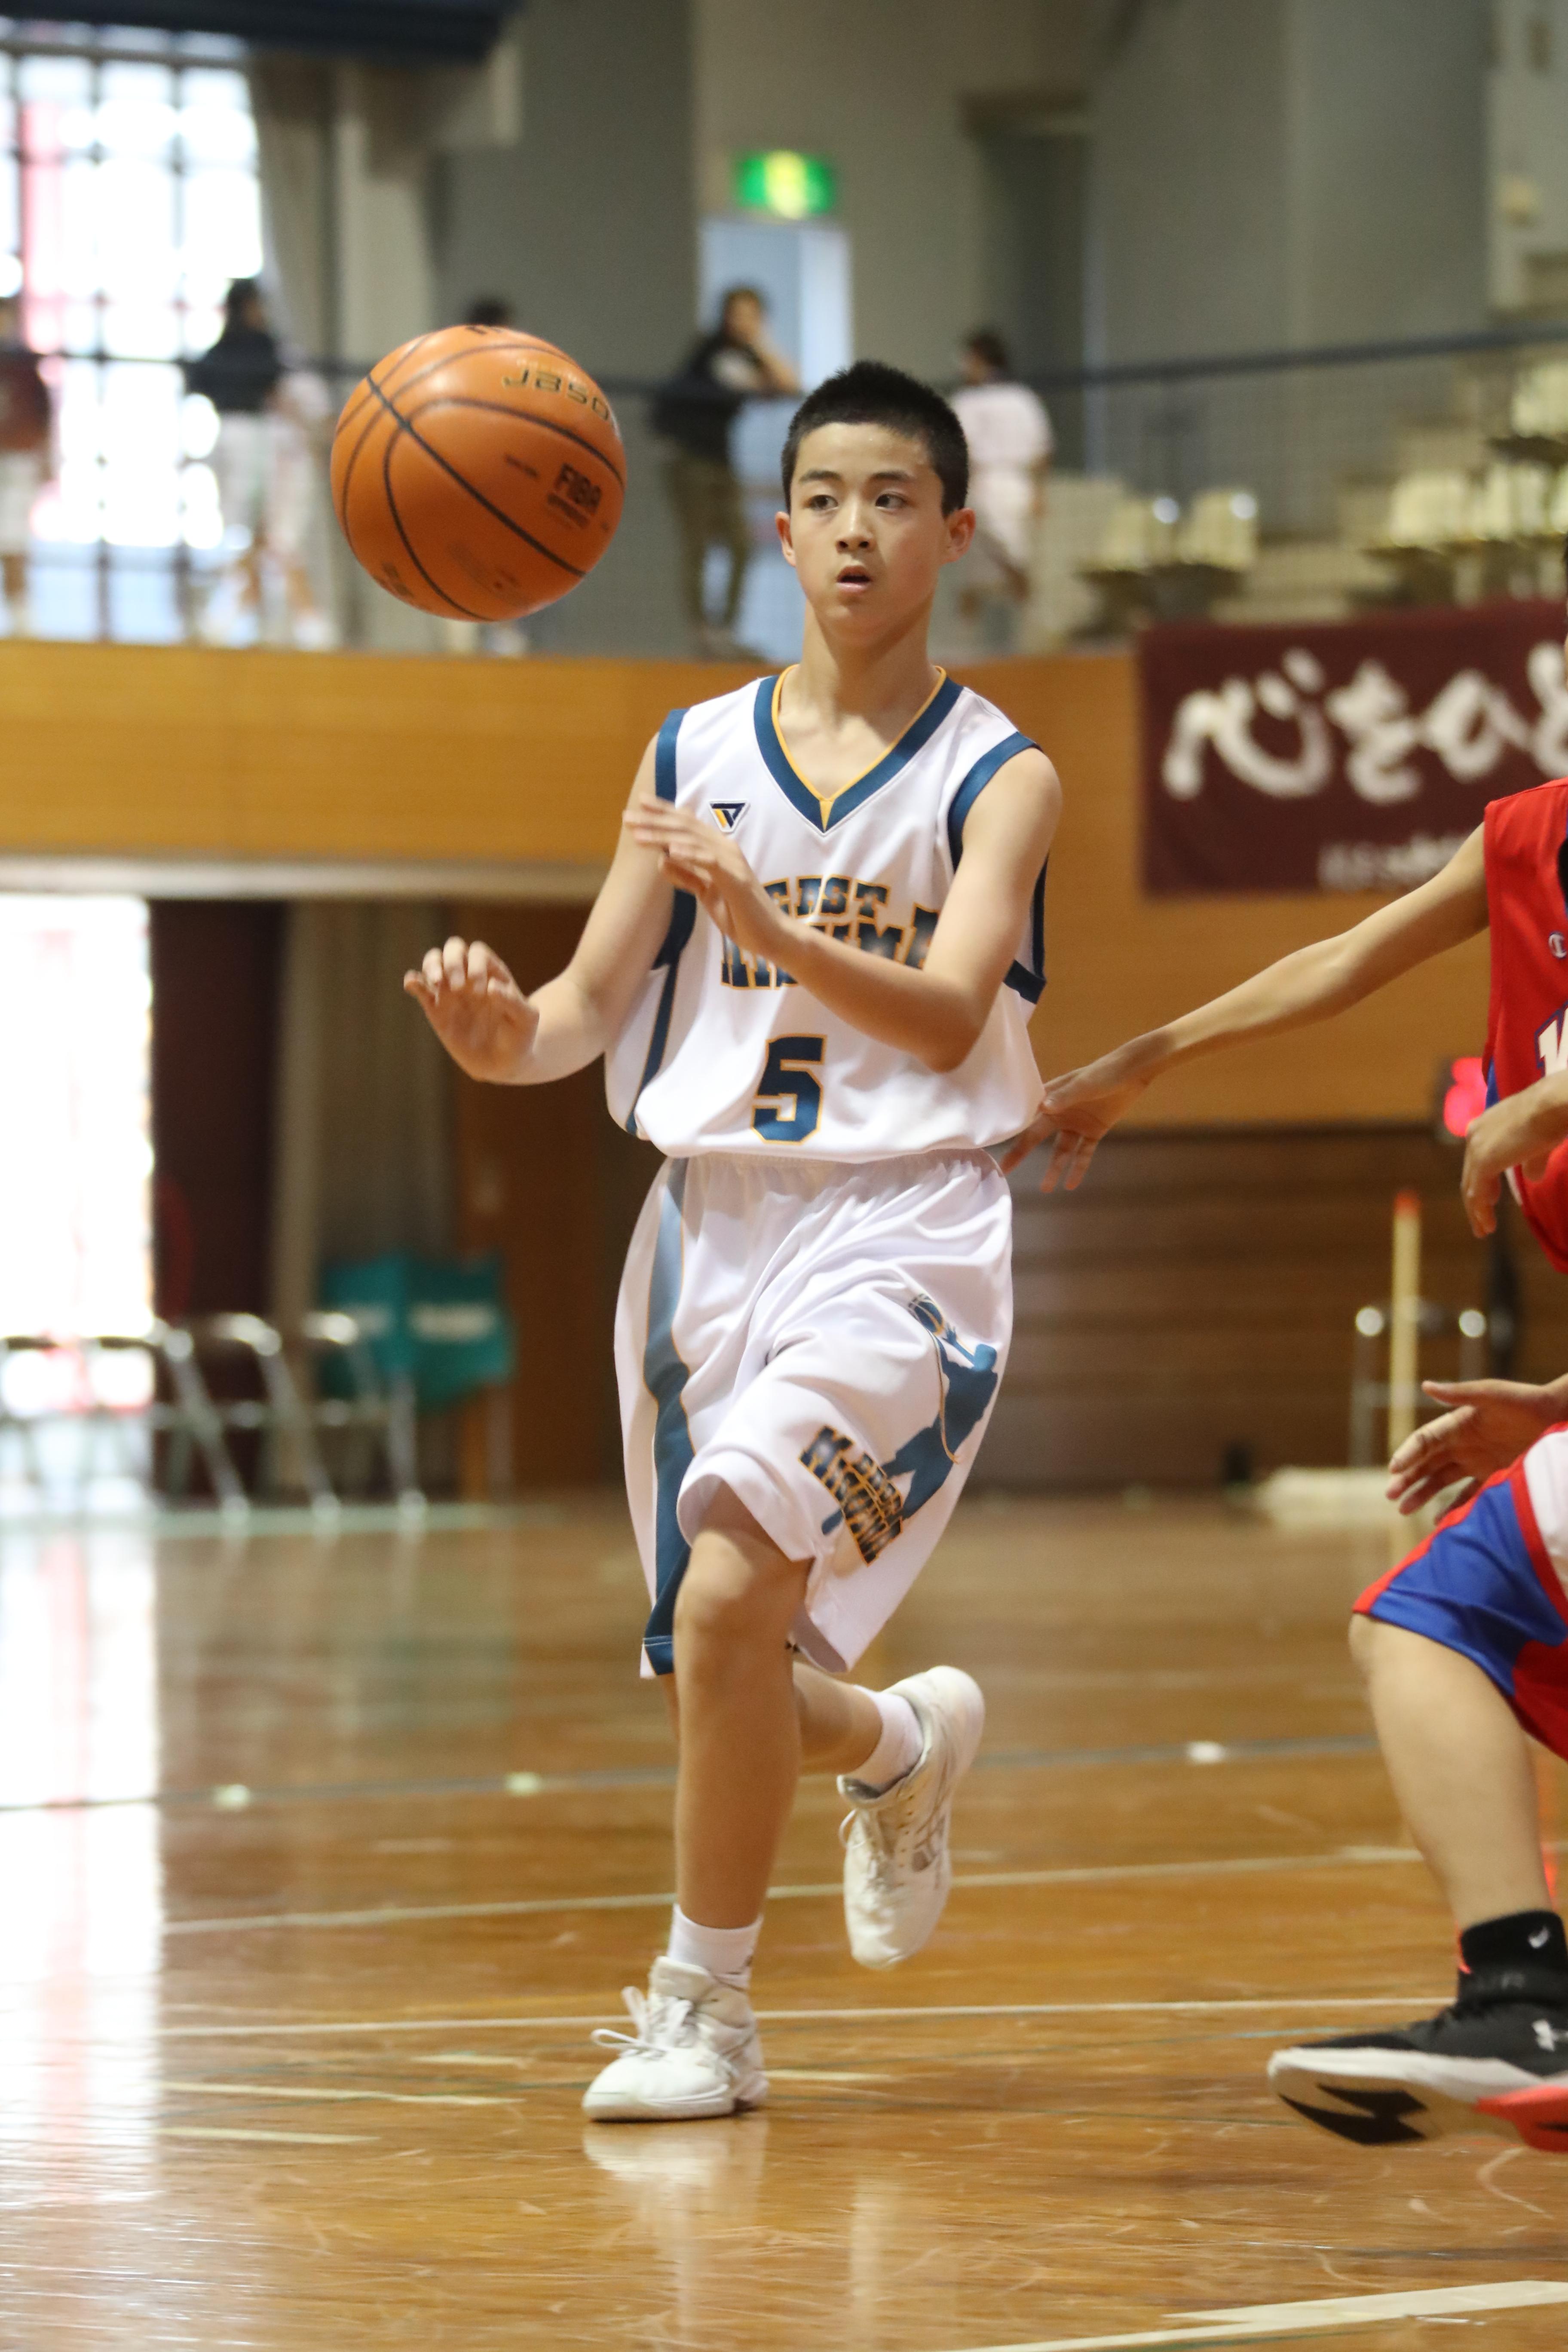 バスケット (33)